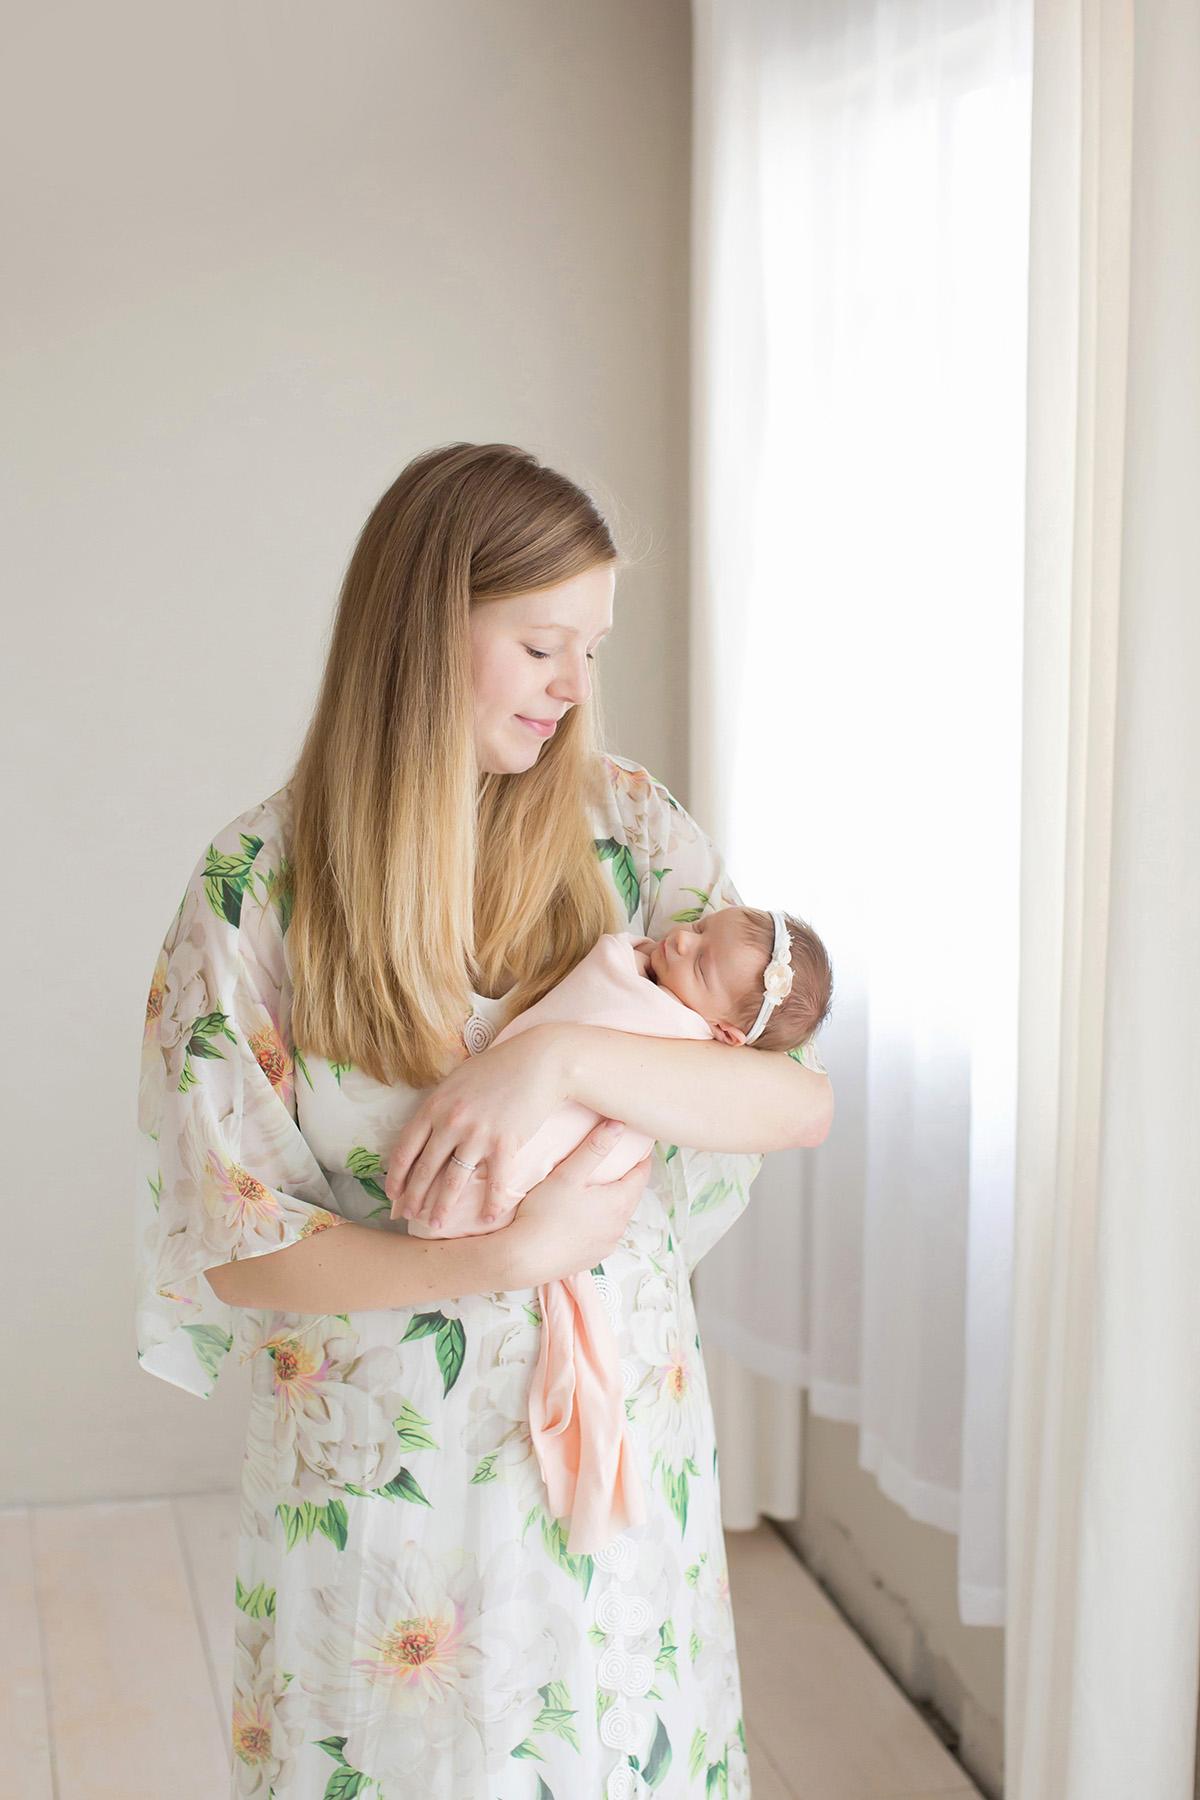 Louisville KY Newborn Photographer | Julie Brock Photograhy | studio photographer in Louisville | Boho dress for photographs